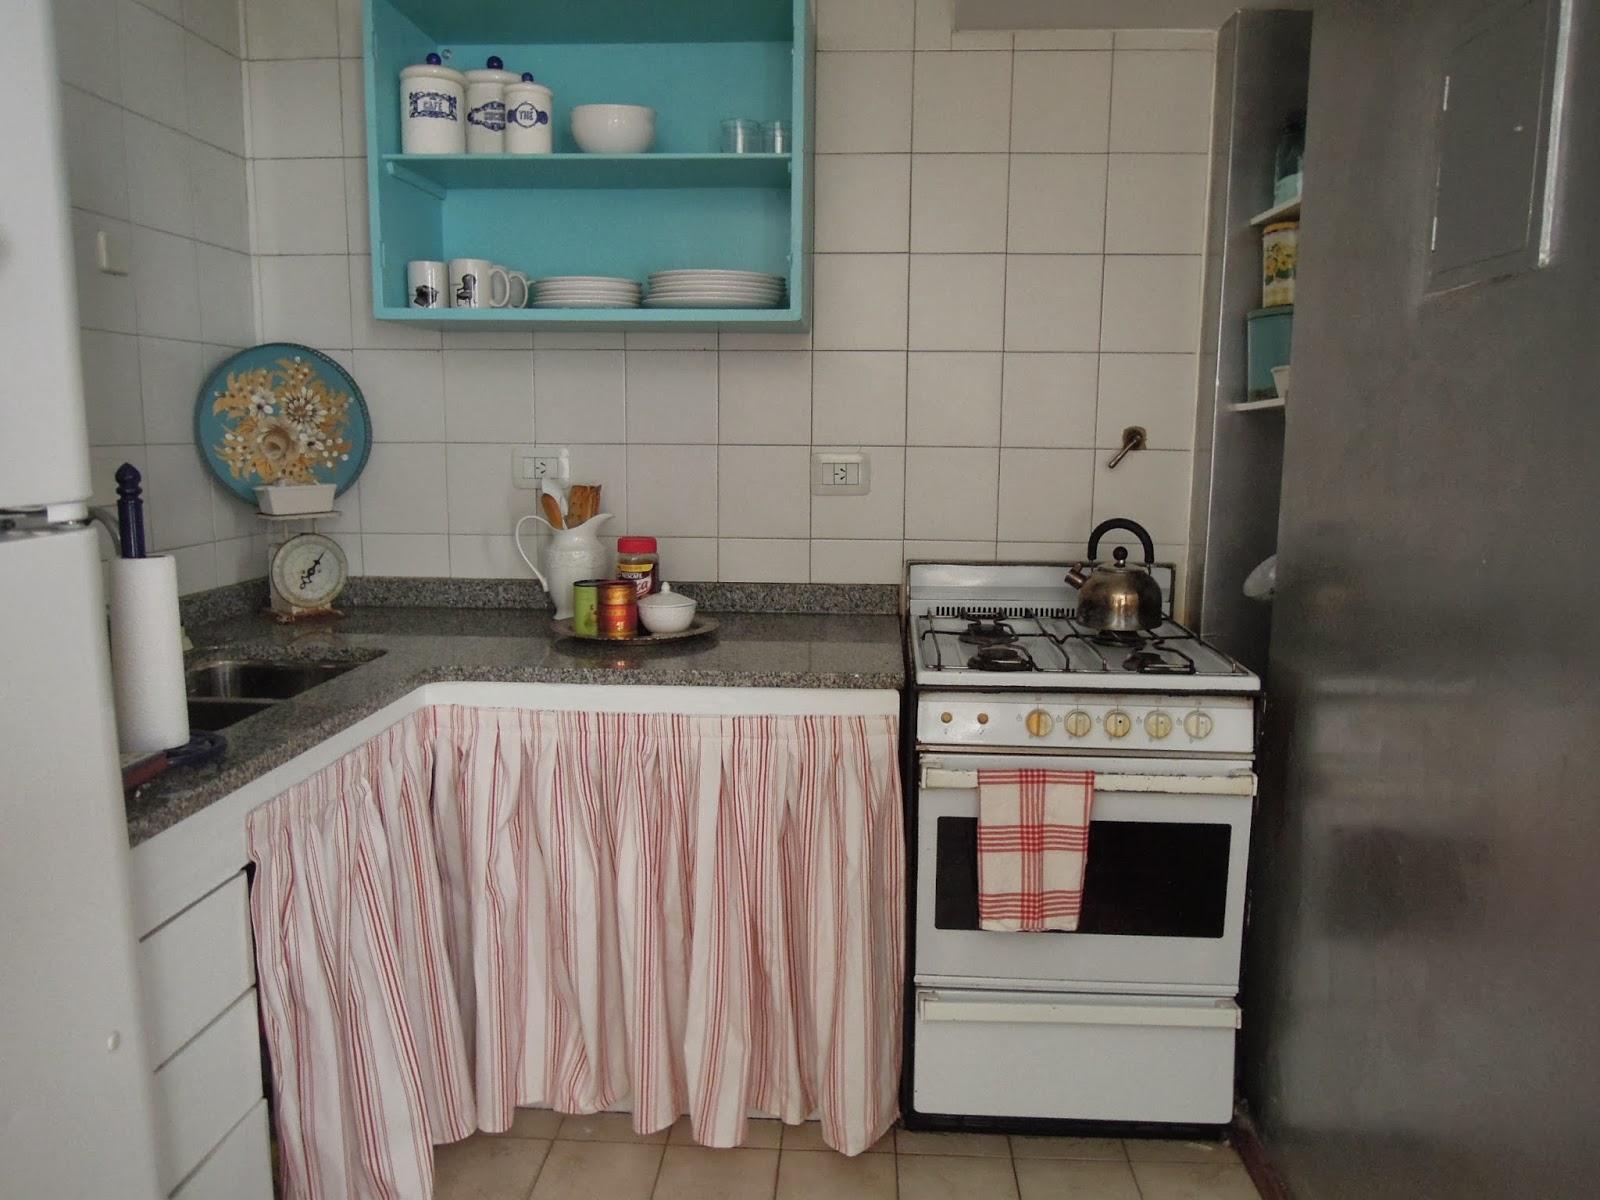 Problema 3 las alacenas de abajo - Que cortinas poner en la cocina ...